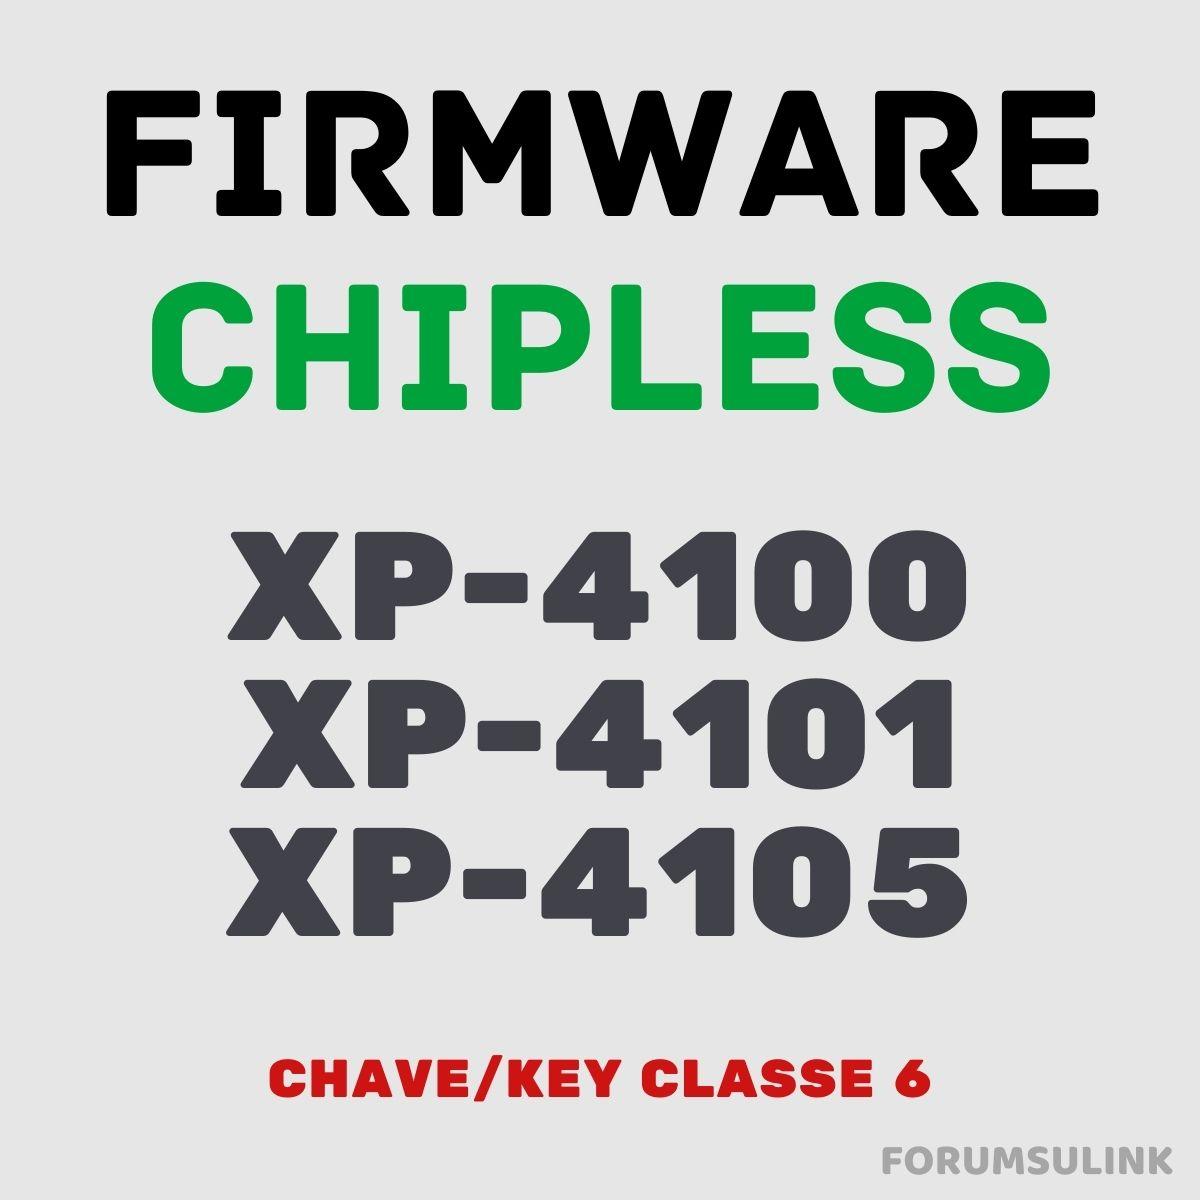 Epson XP-4100, XP-4101 e XP-4105 | Arquivo de Software Firmware ChipLess